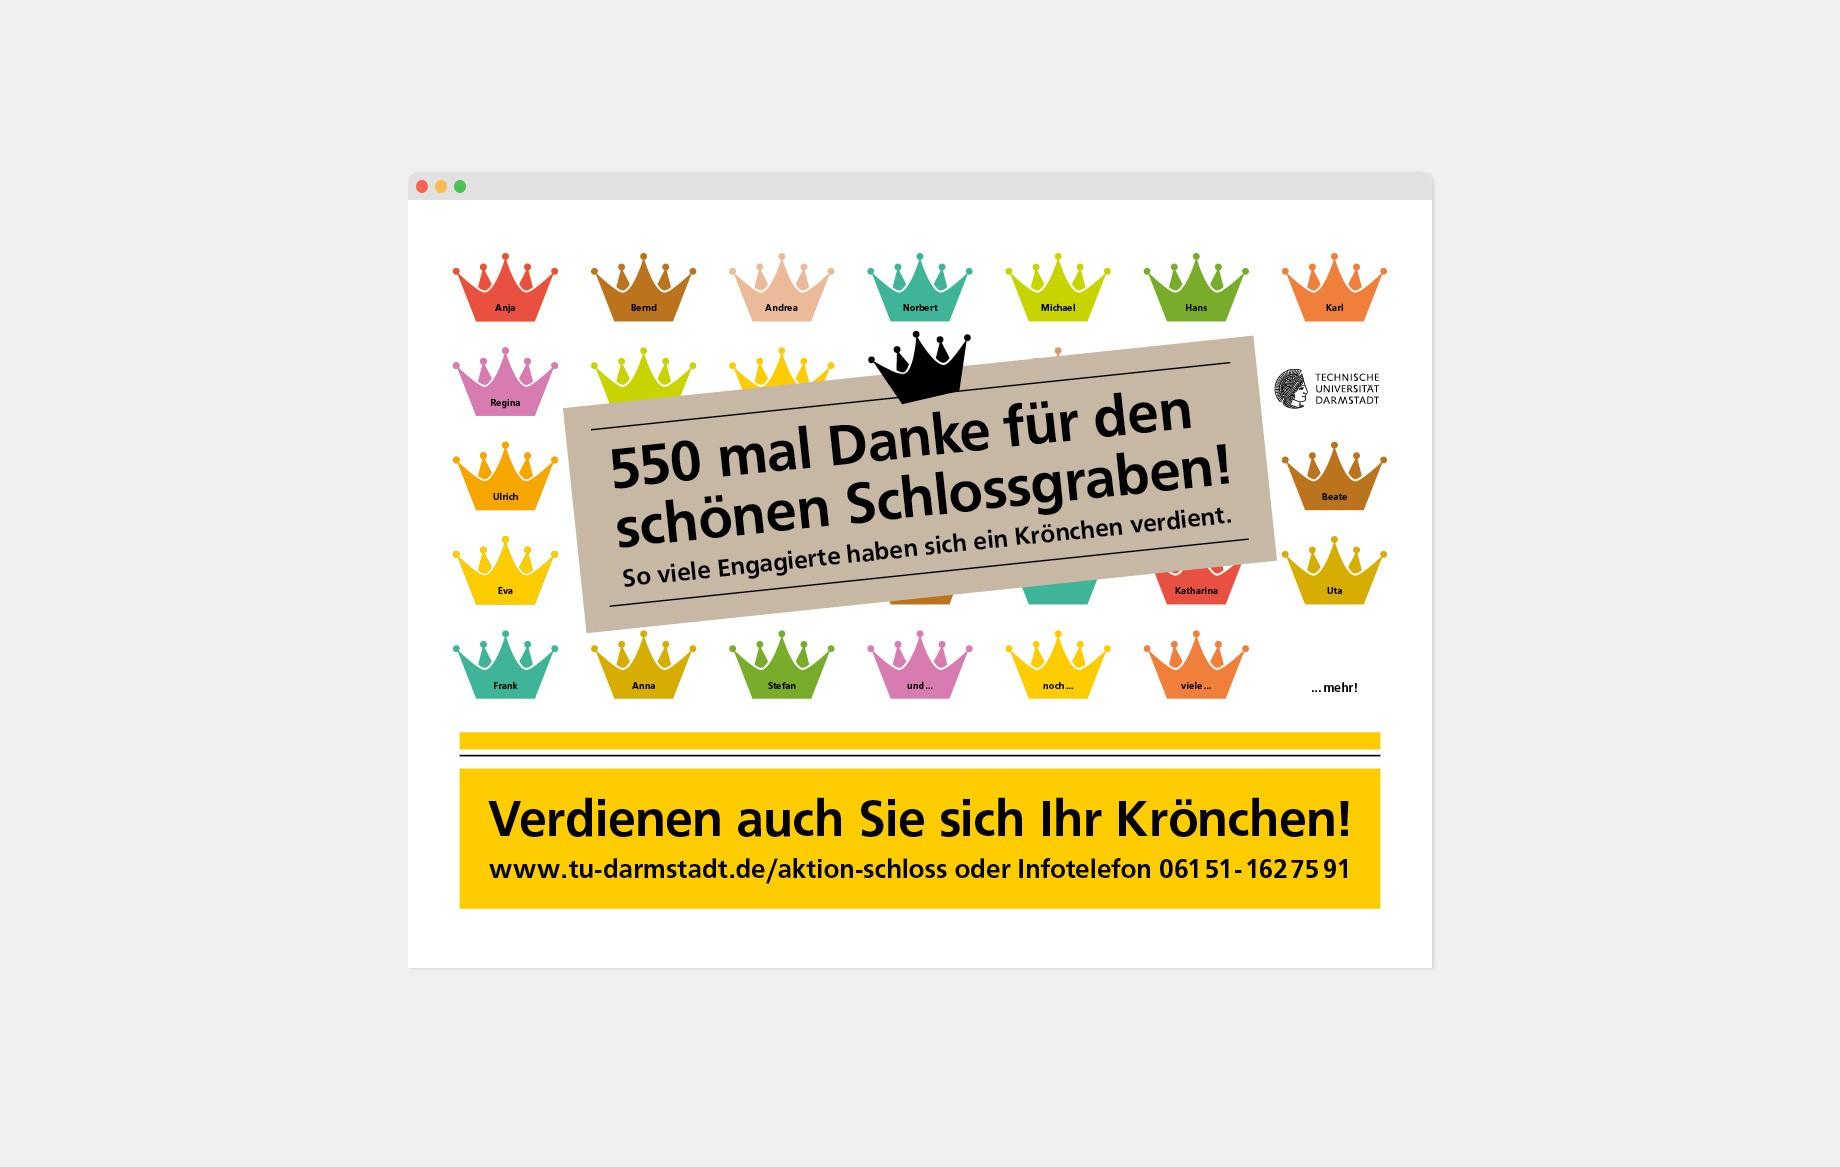 Ansprache der Zielgruppe auf LED-Screens in Bussen und Bahnen im Raum Darmstadt.